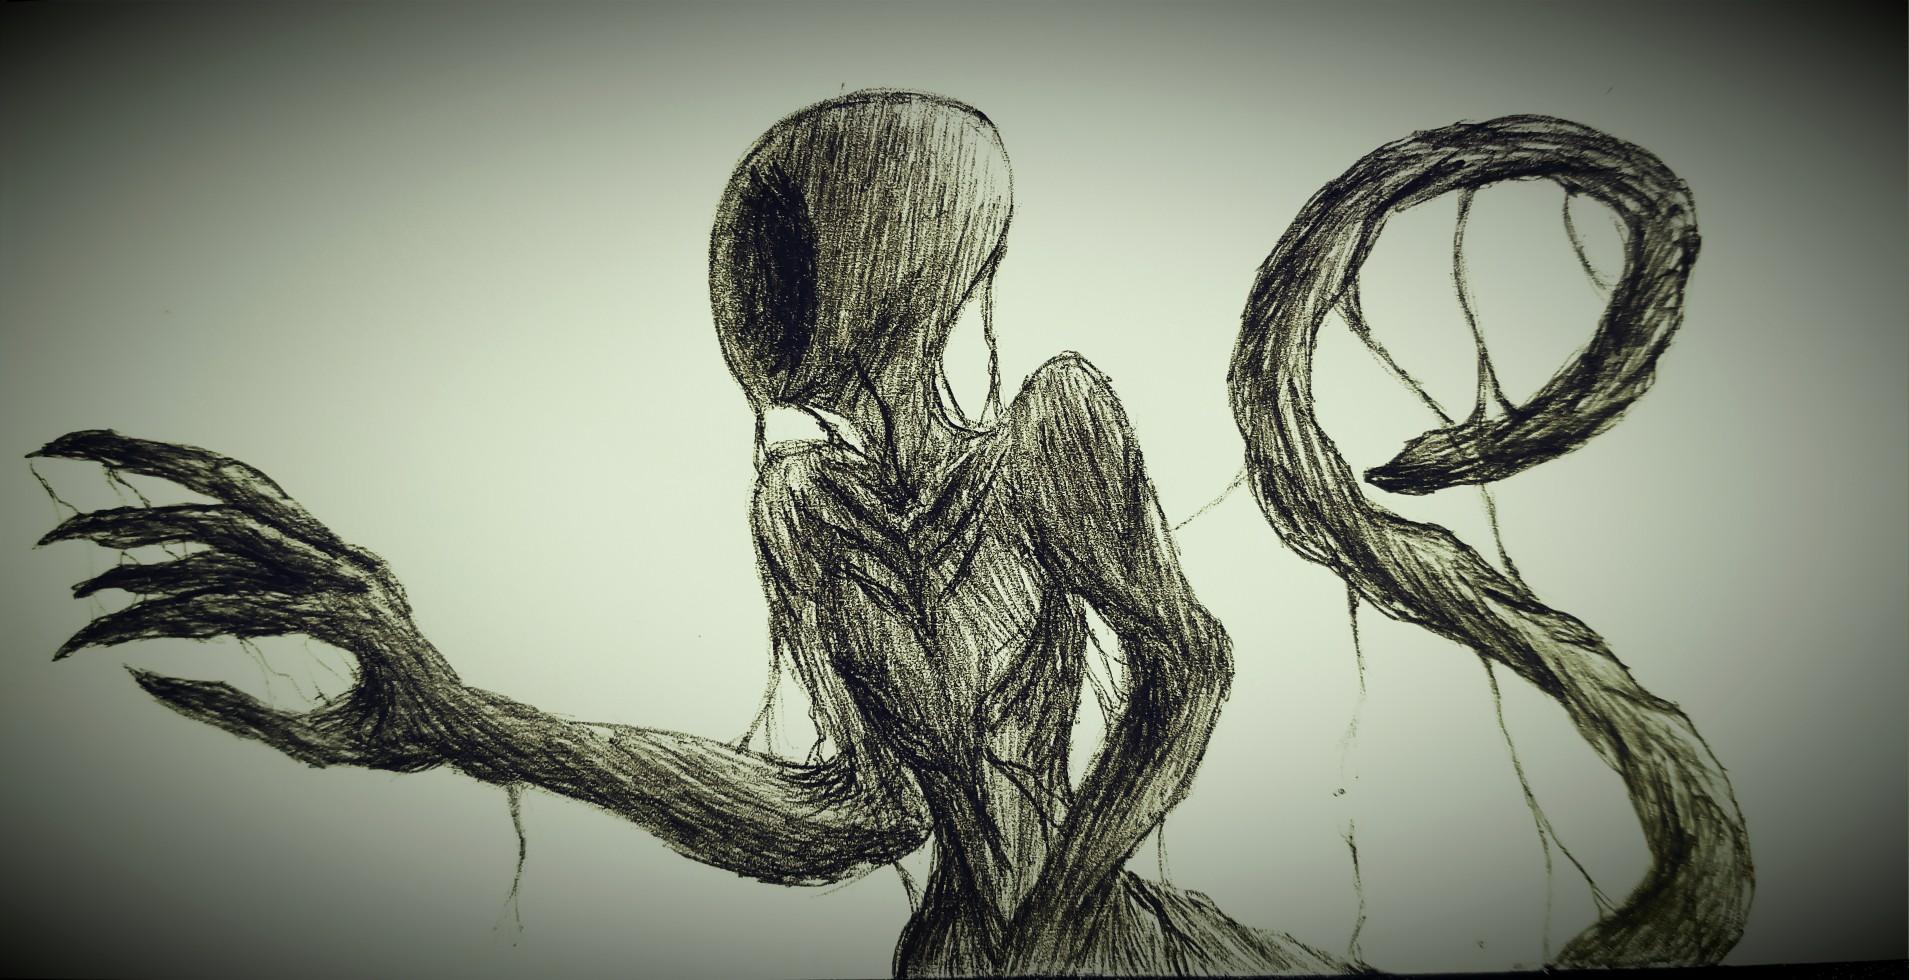 Spooky Creature